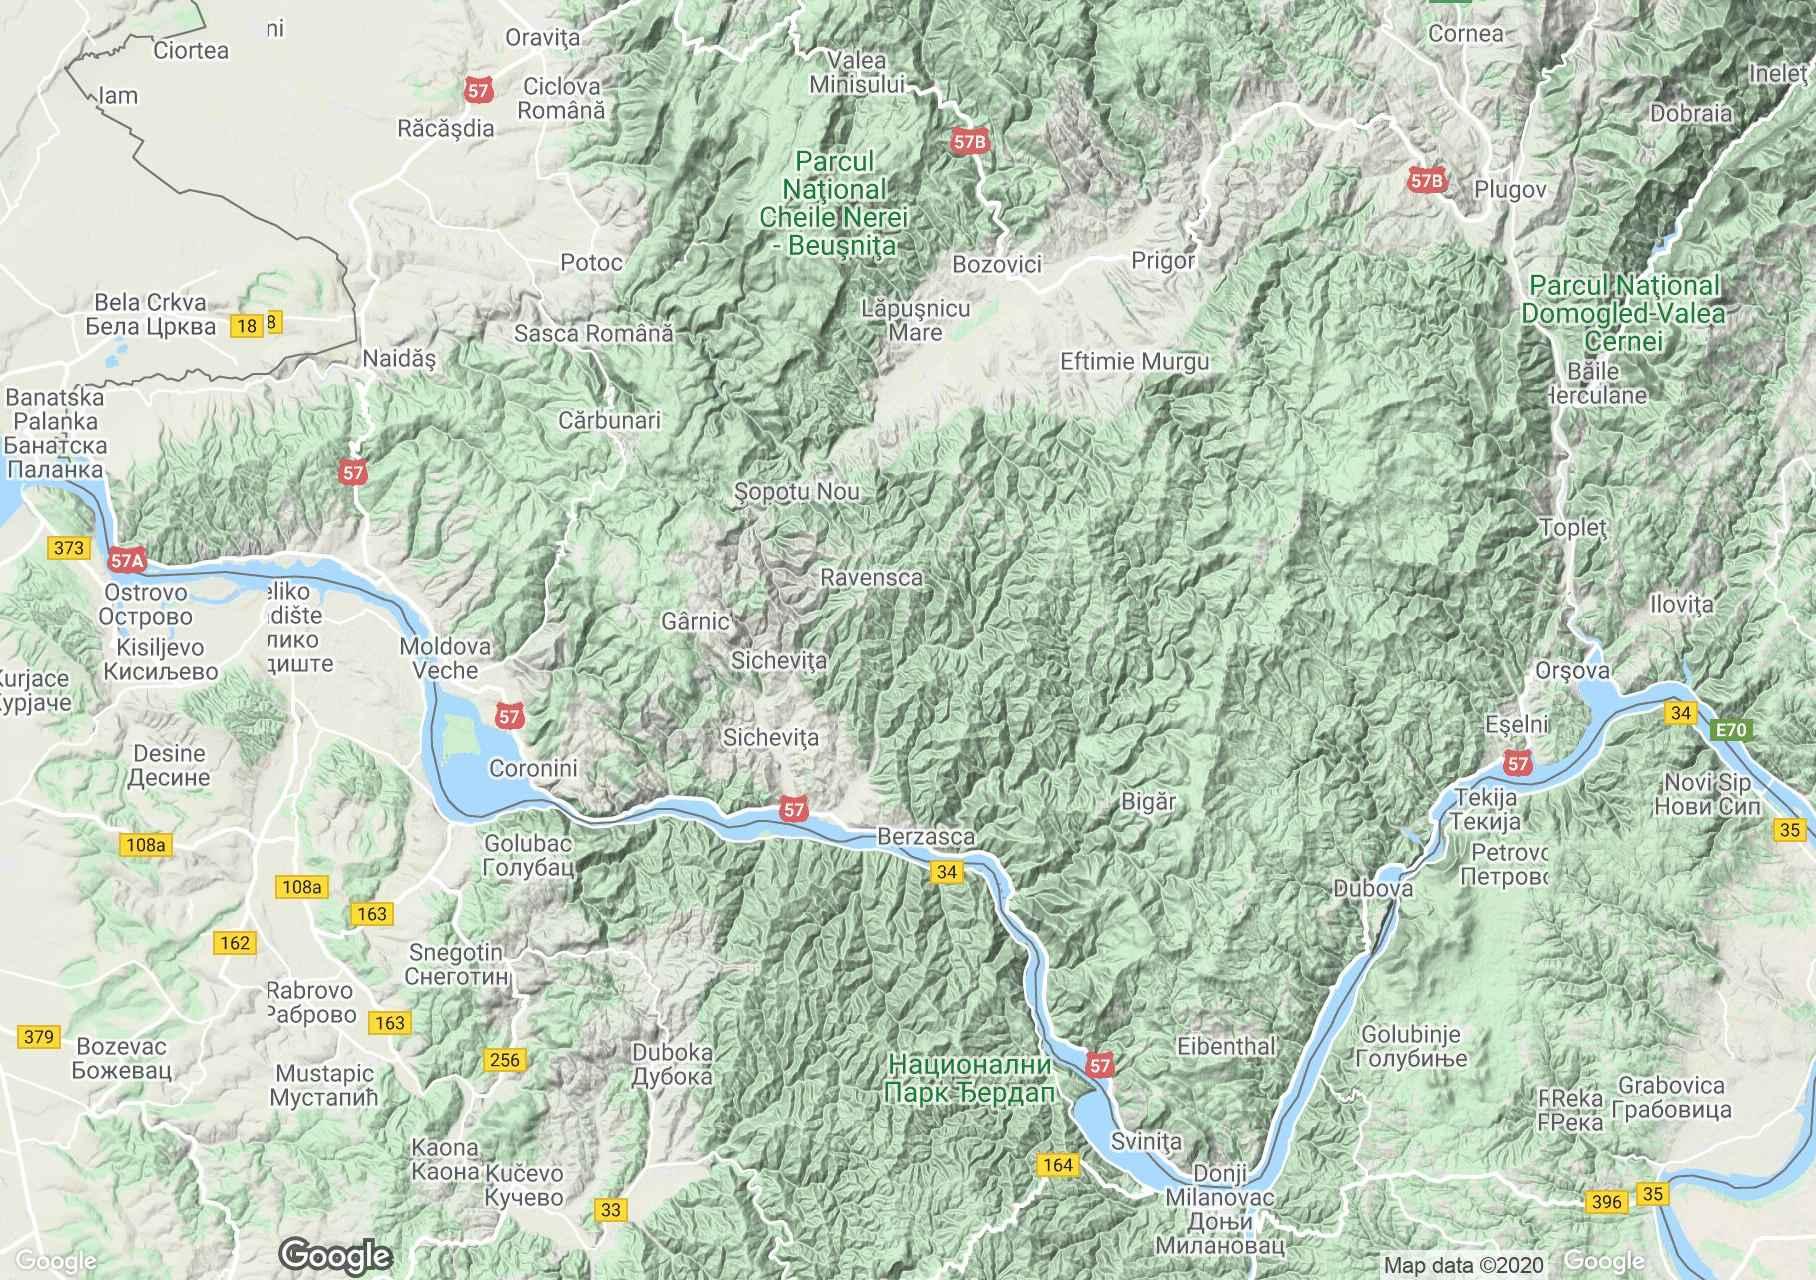 Banati hegység: Almás hegység interaktív turista térképe.